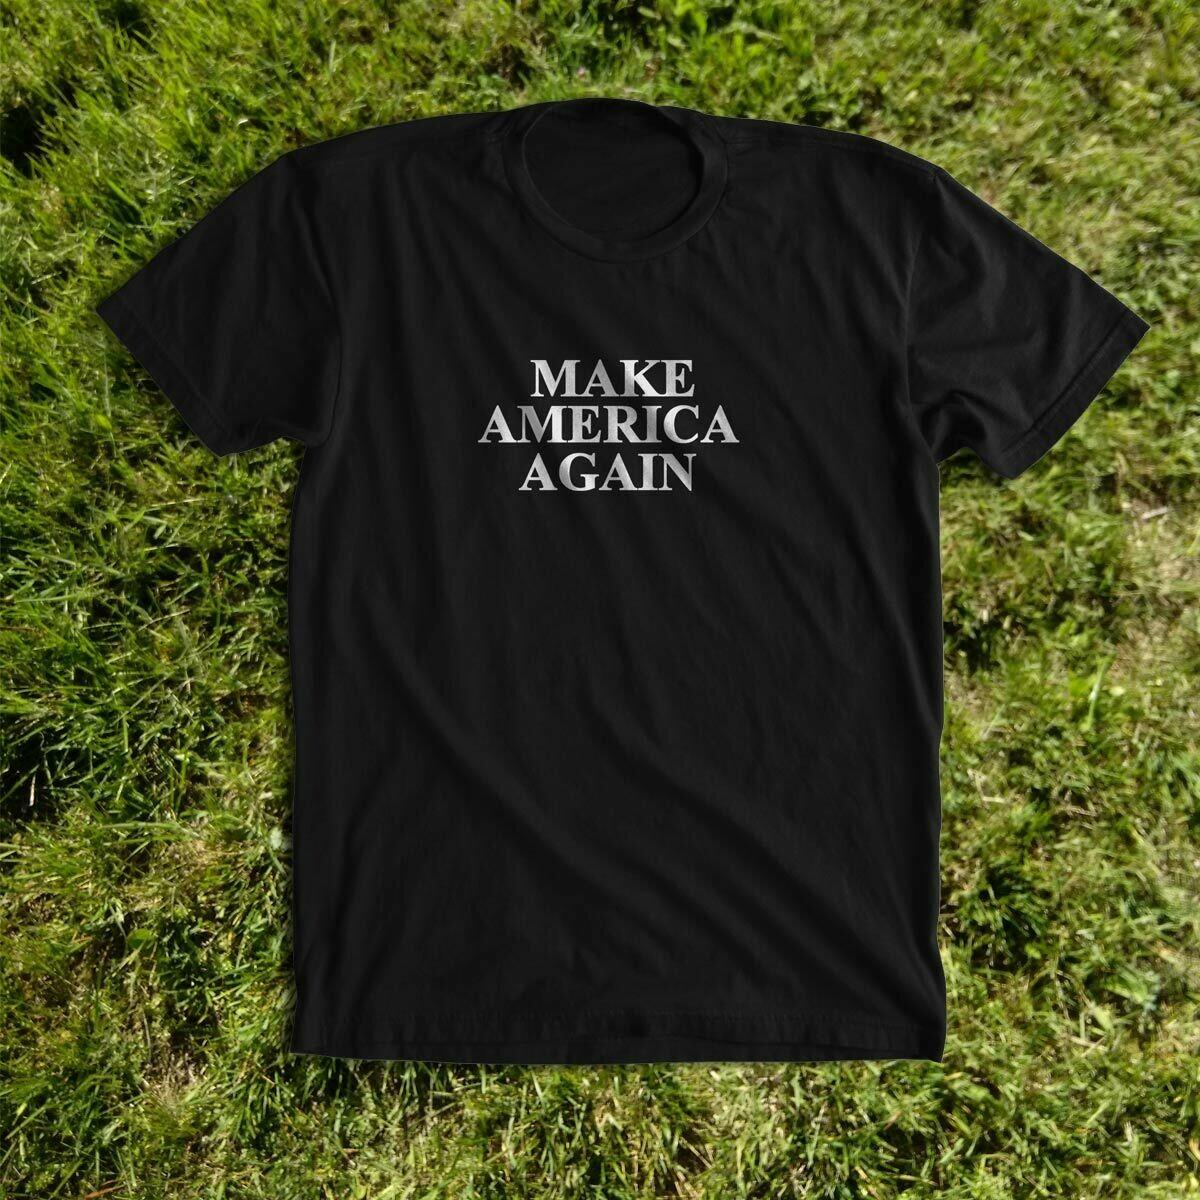 MAKE AMERICA AGAIN black tee